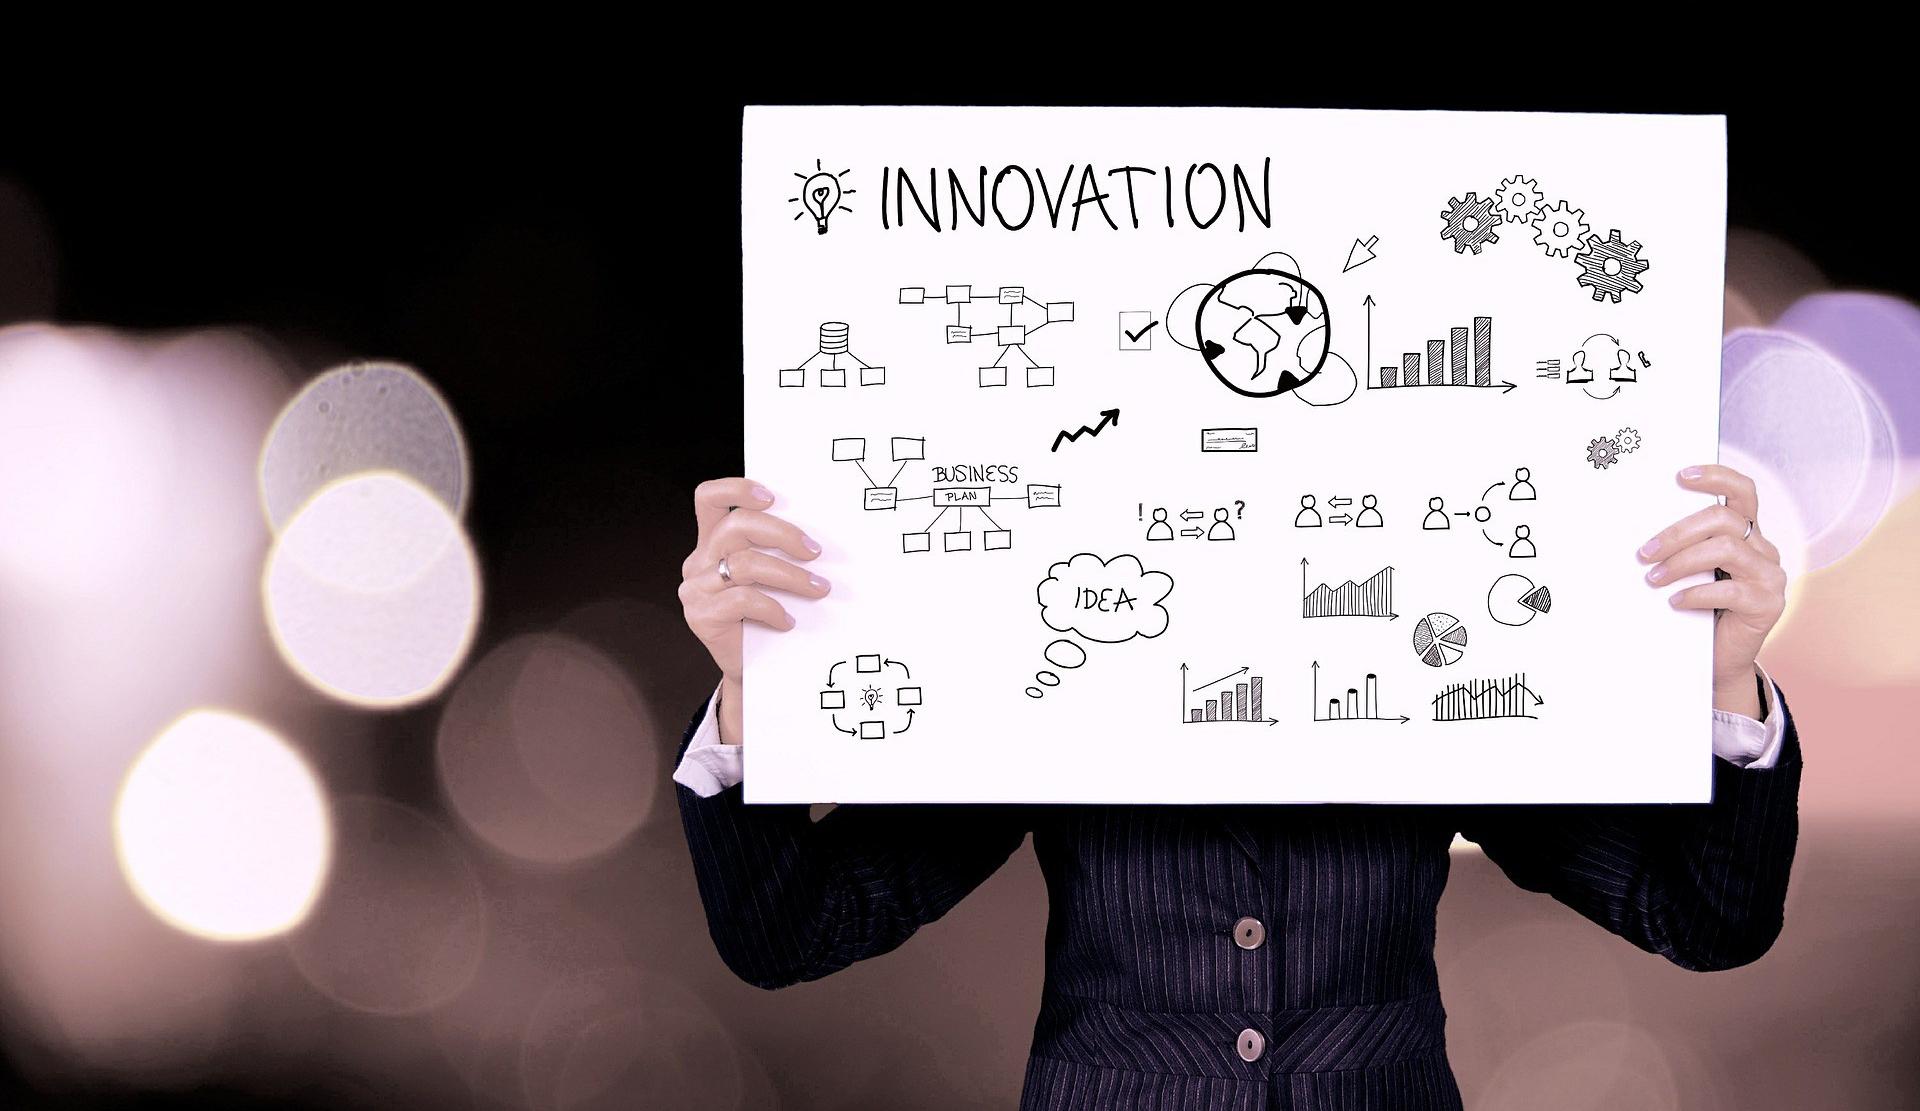 Innovations-entrepreneurship.jpg